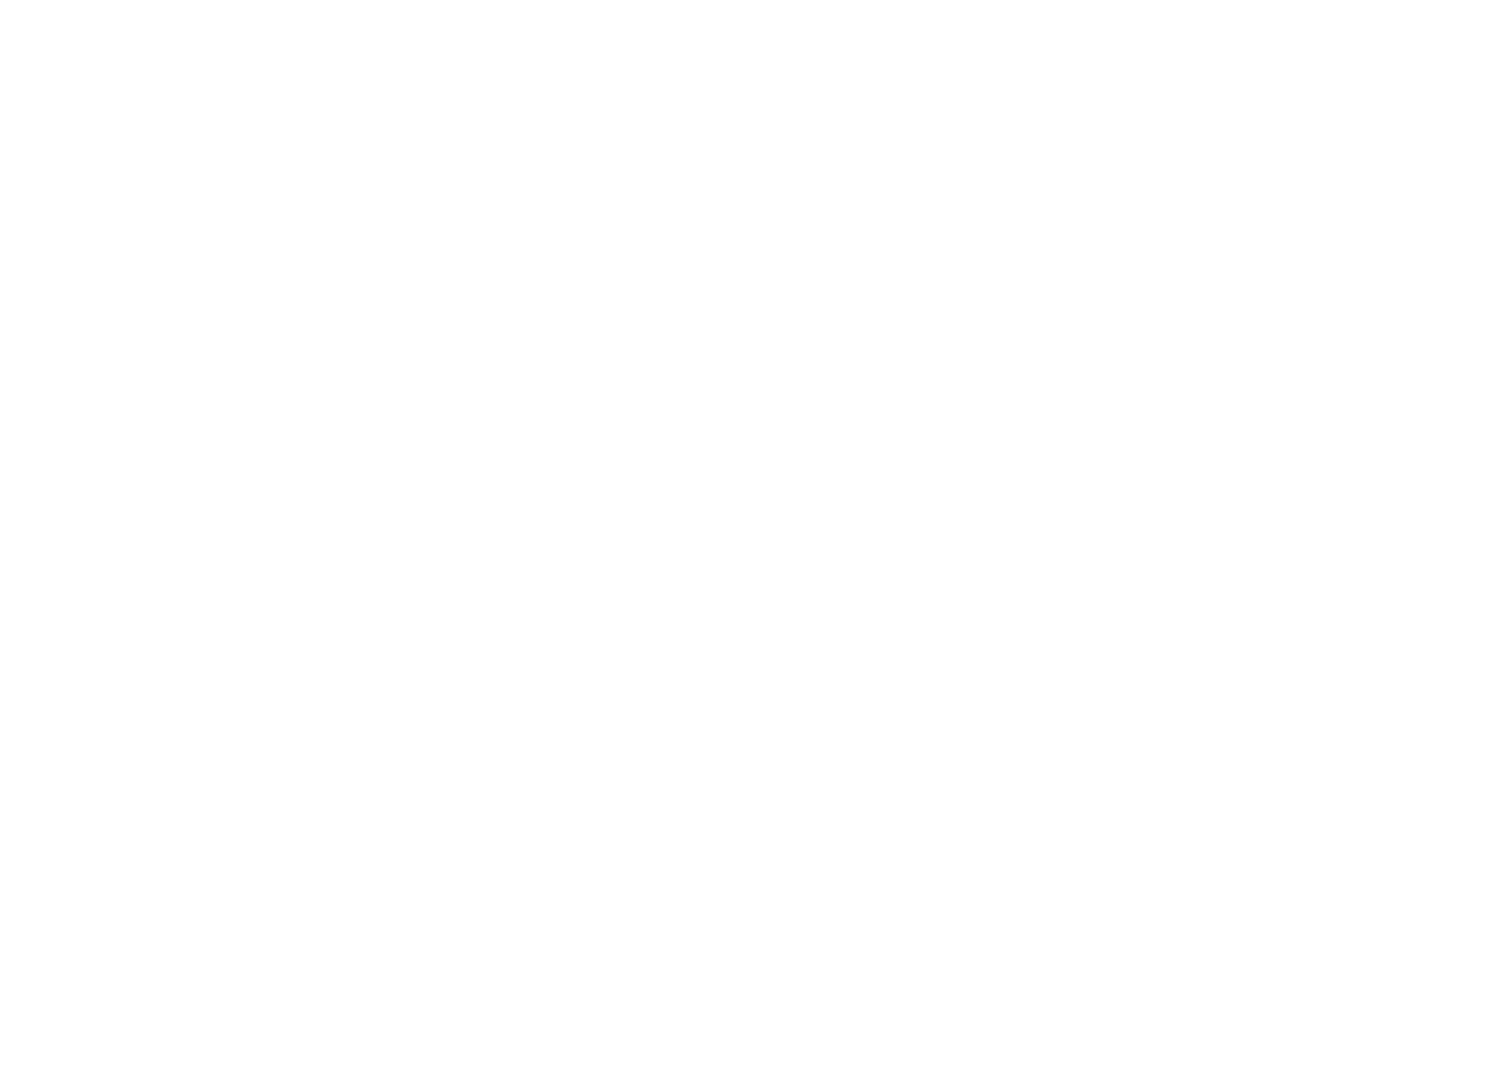 white st paul's logo